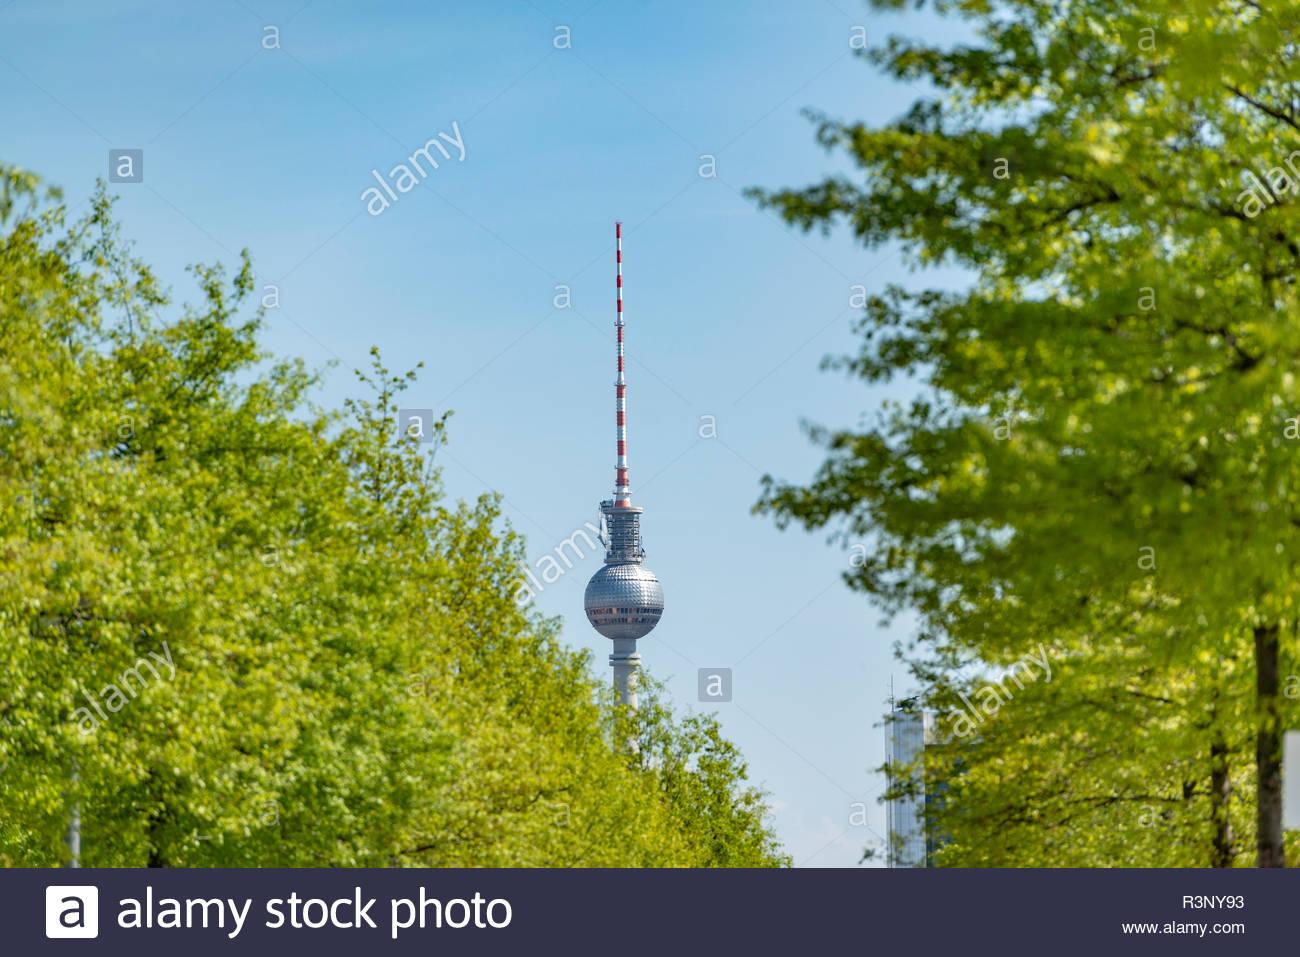 Fernsehturm in Berlin. Im Vordergrund befindet sich eine Allee Stock Photo